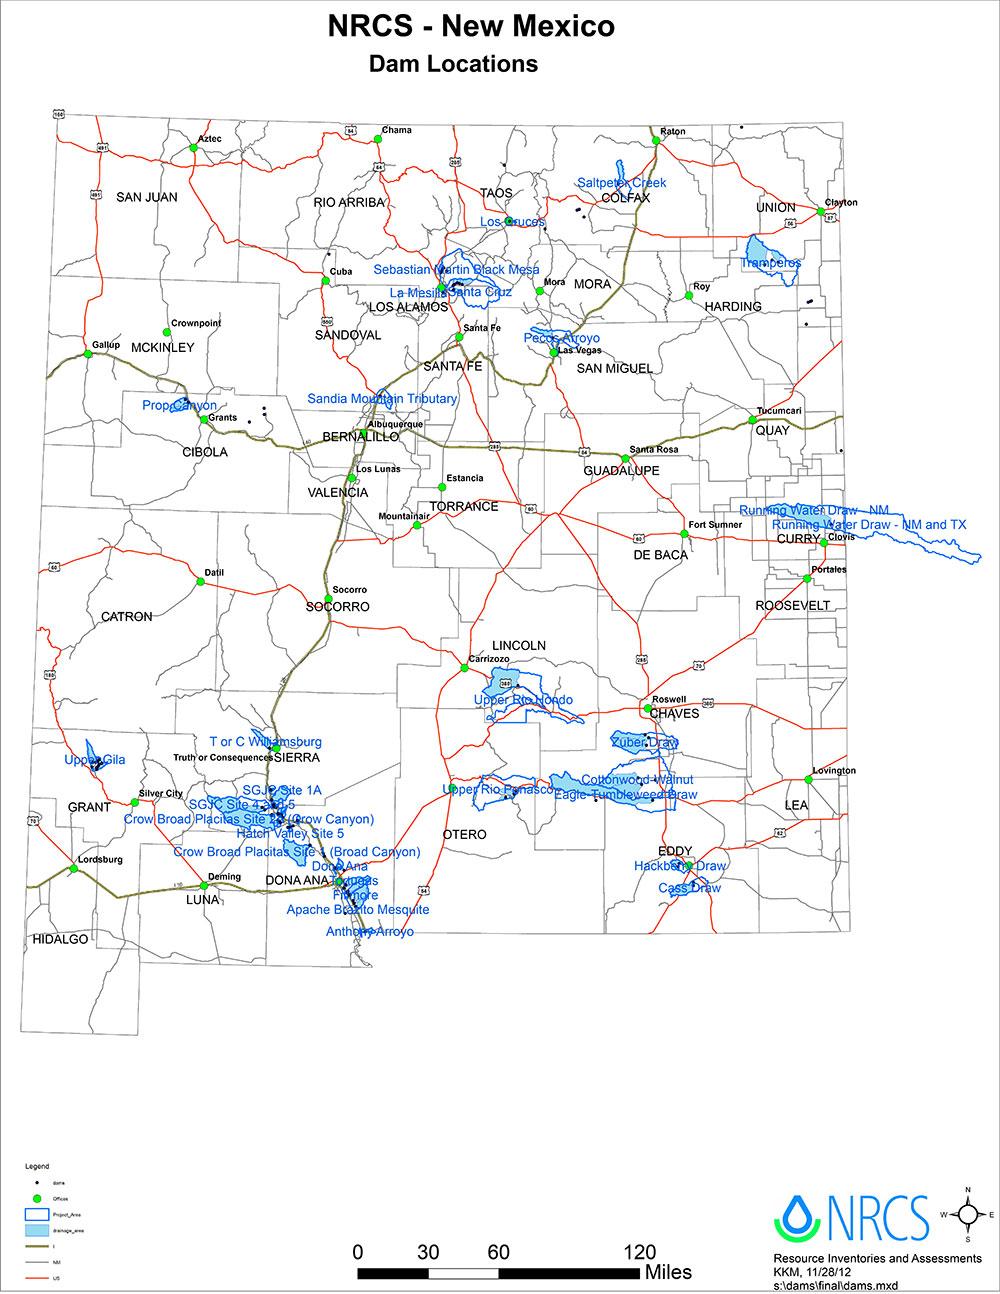 NRCS New Mexico Dam Locations